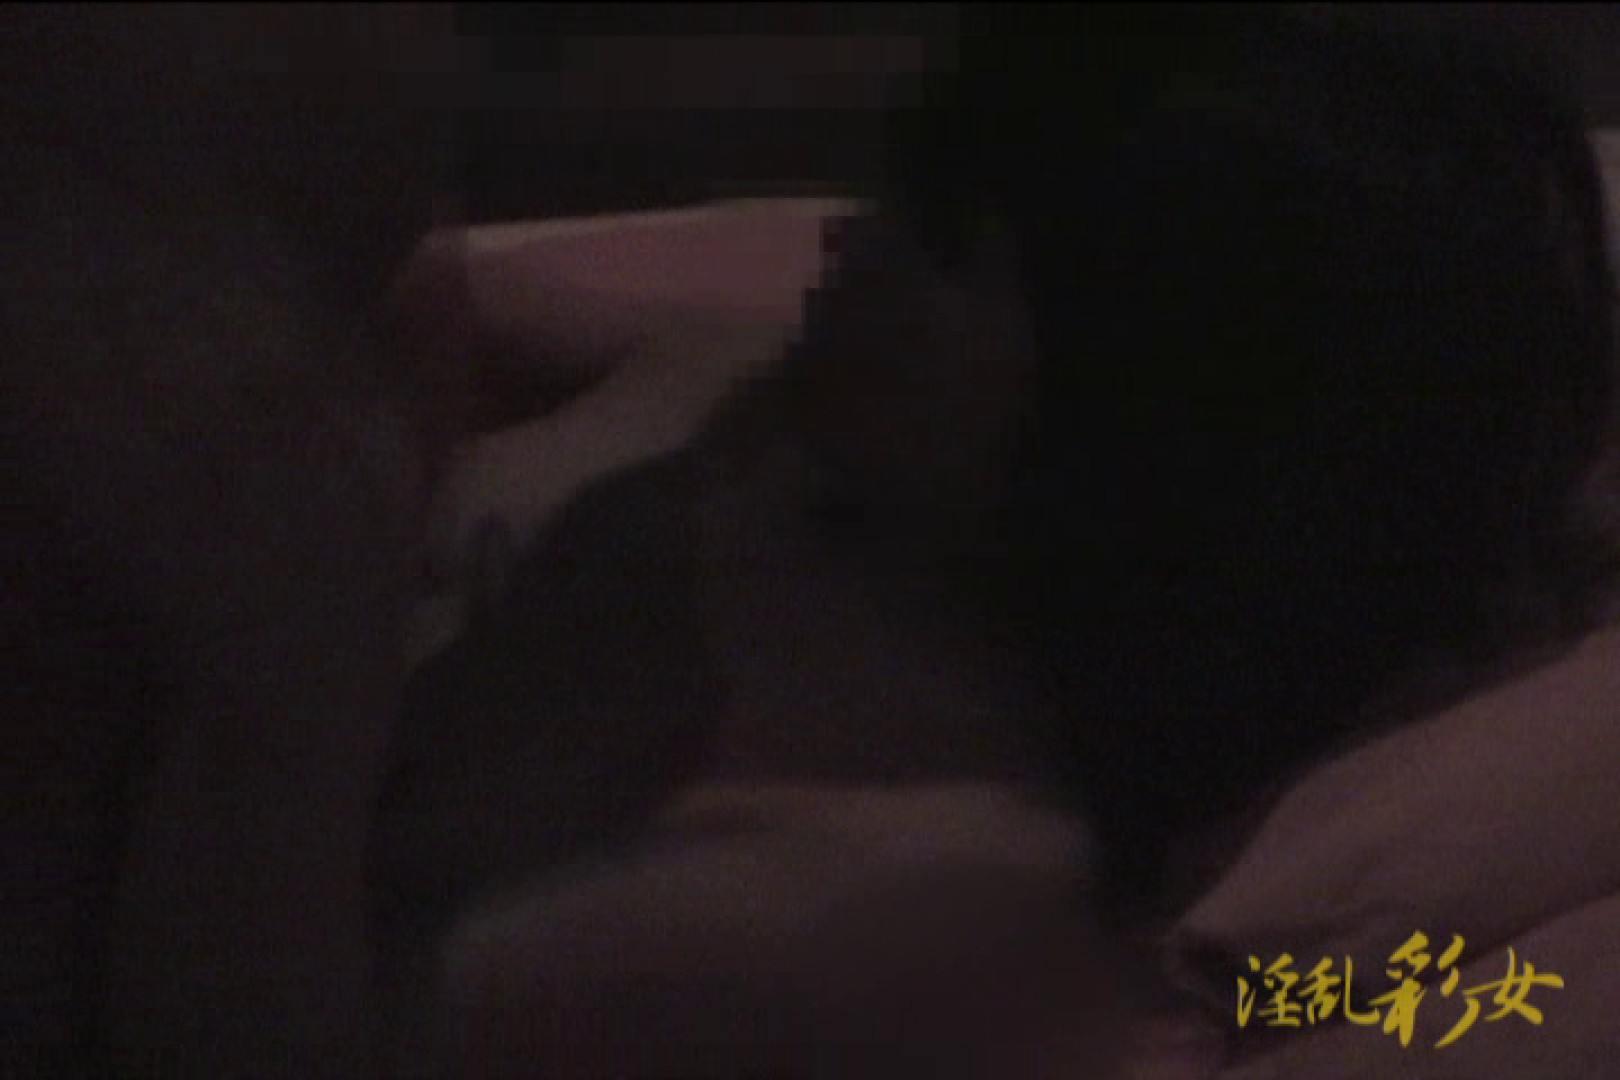 淫乱彩女 麻優里 旦那の前で王様ゲーム 淫乱 すけべAV動画紹介 49枚